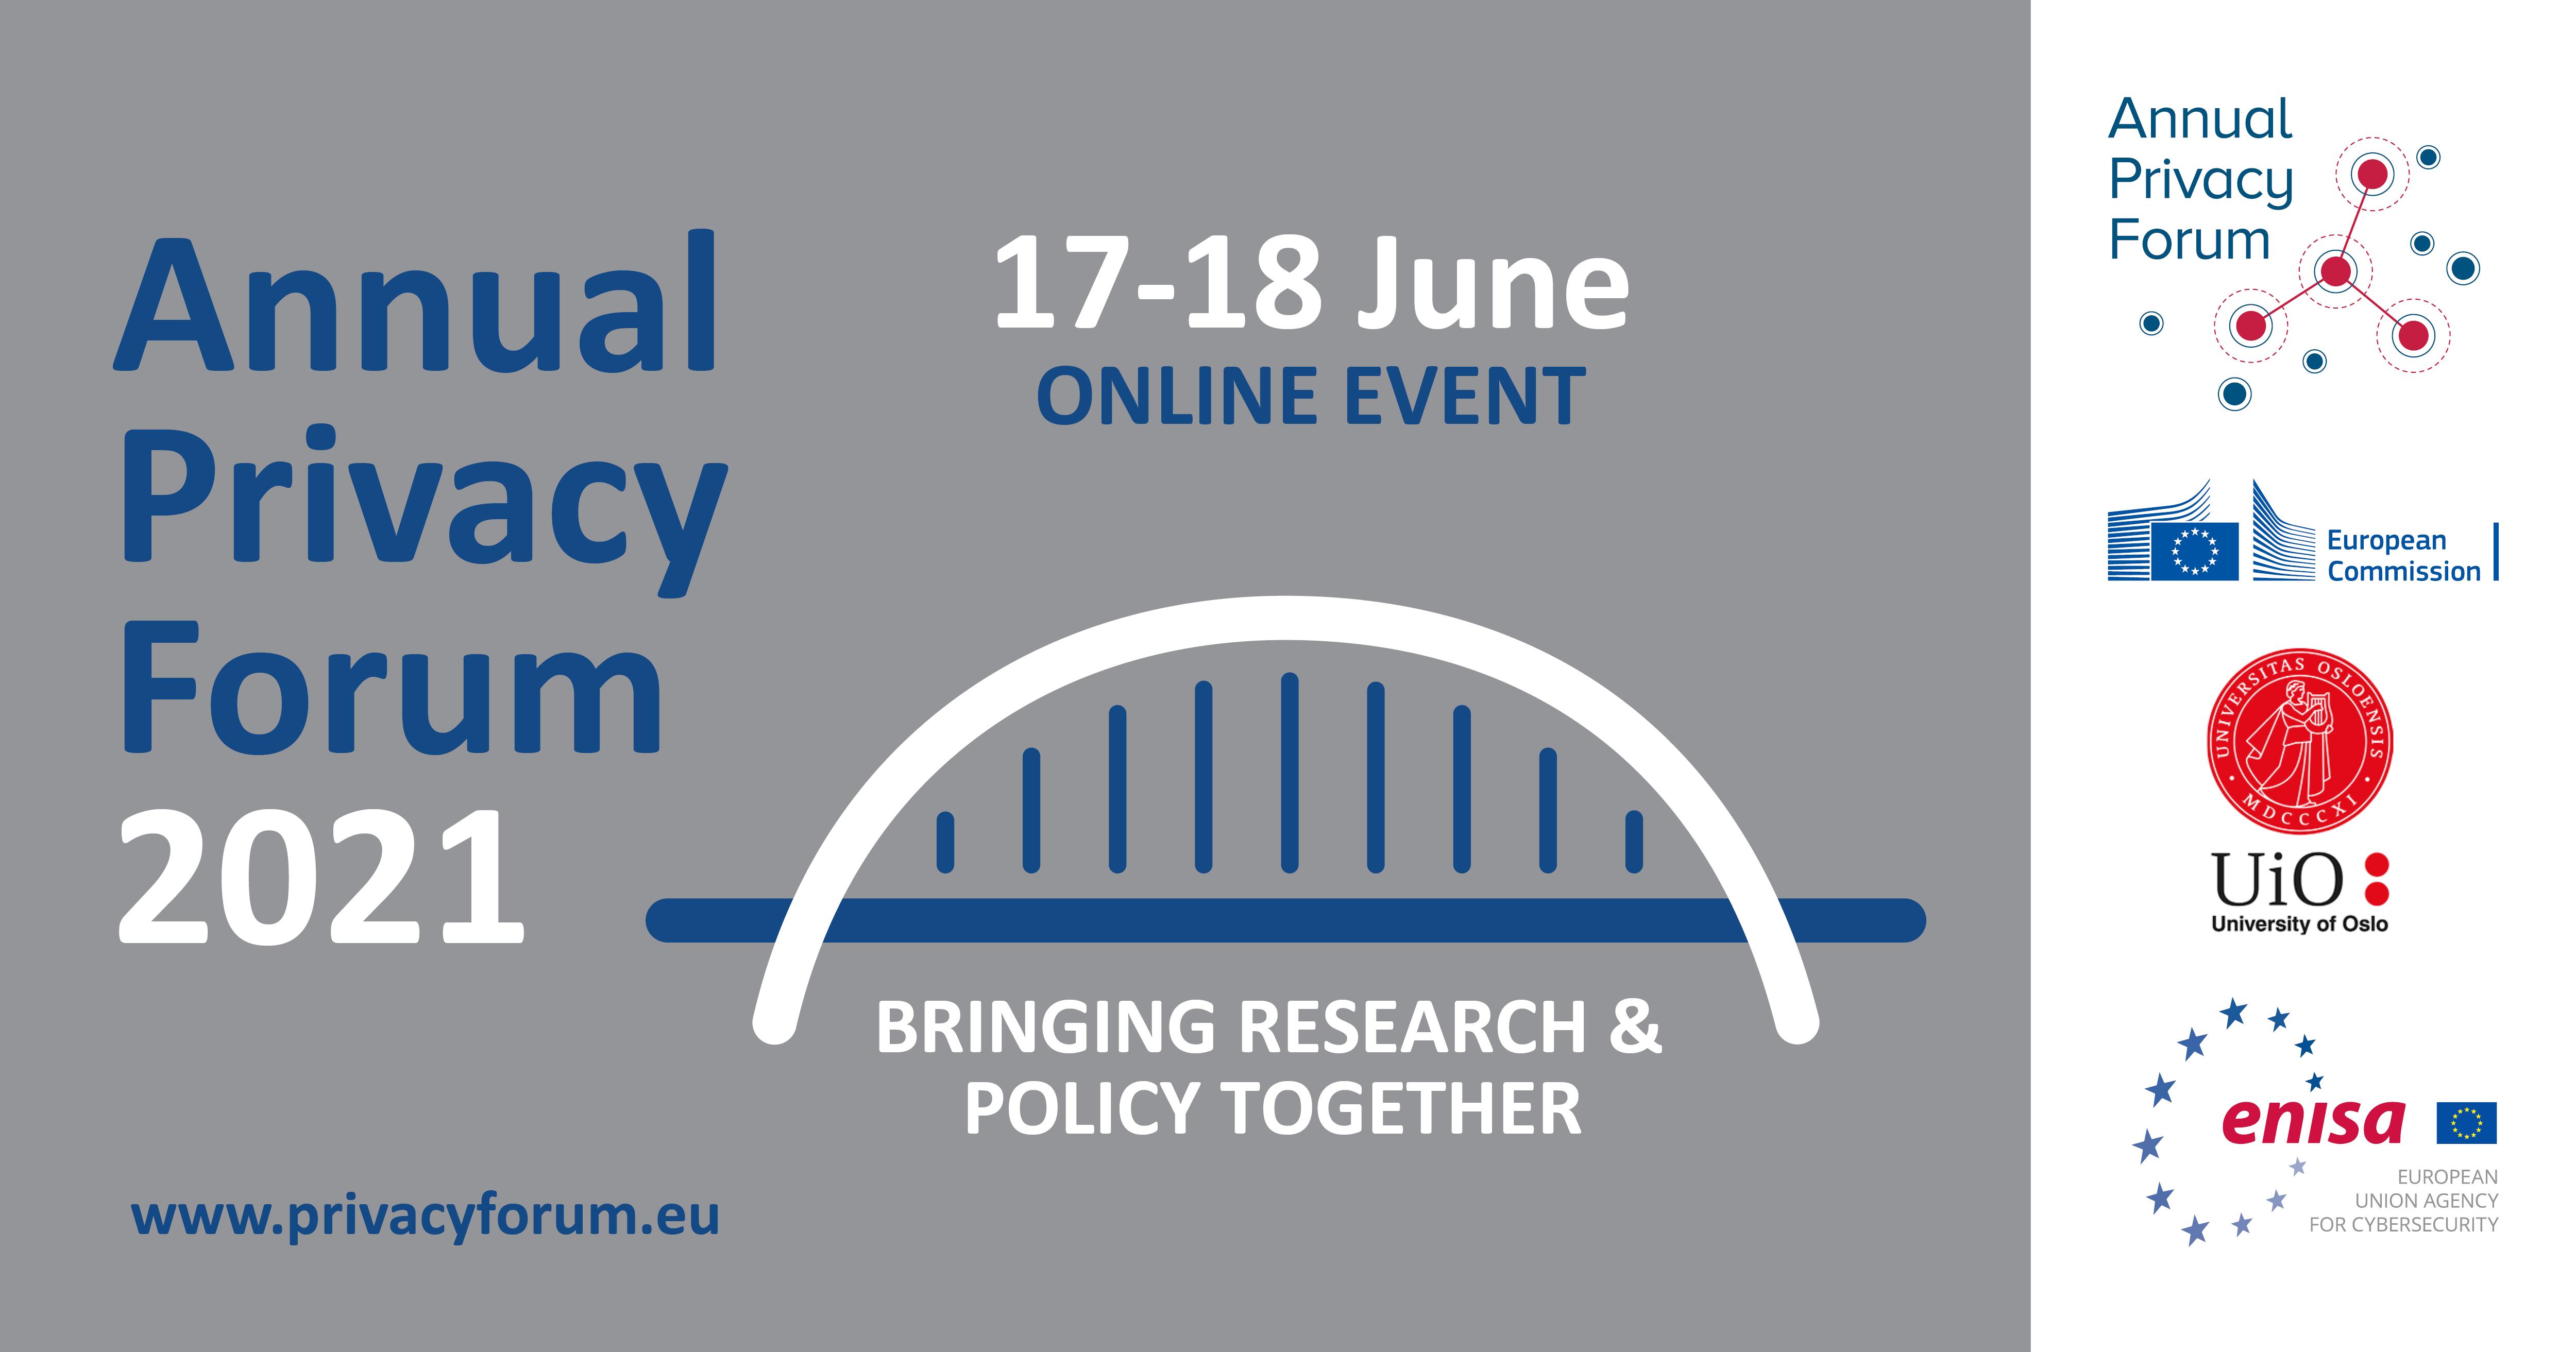 Annual Privacy Forum 2021